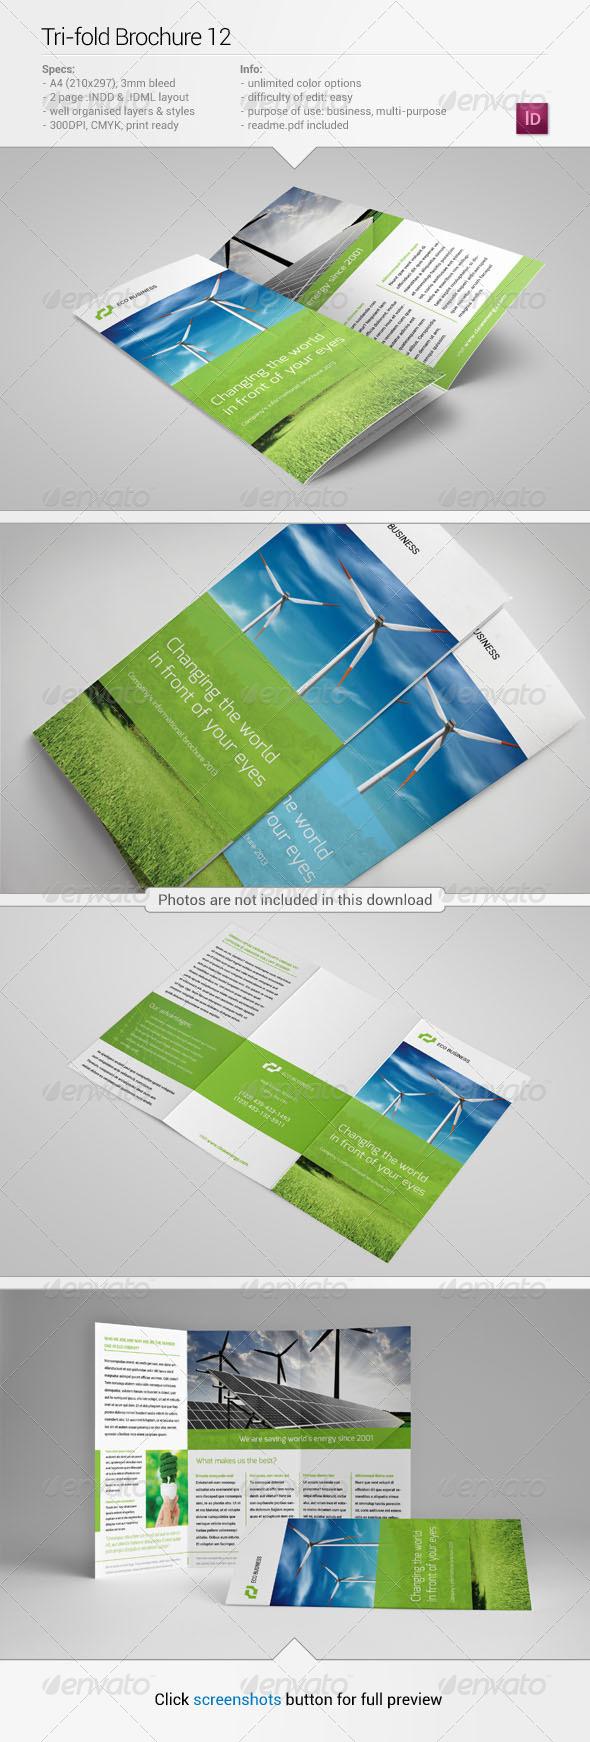 GraphicRiver Tri-Fold Brochure 12 5487921